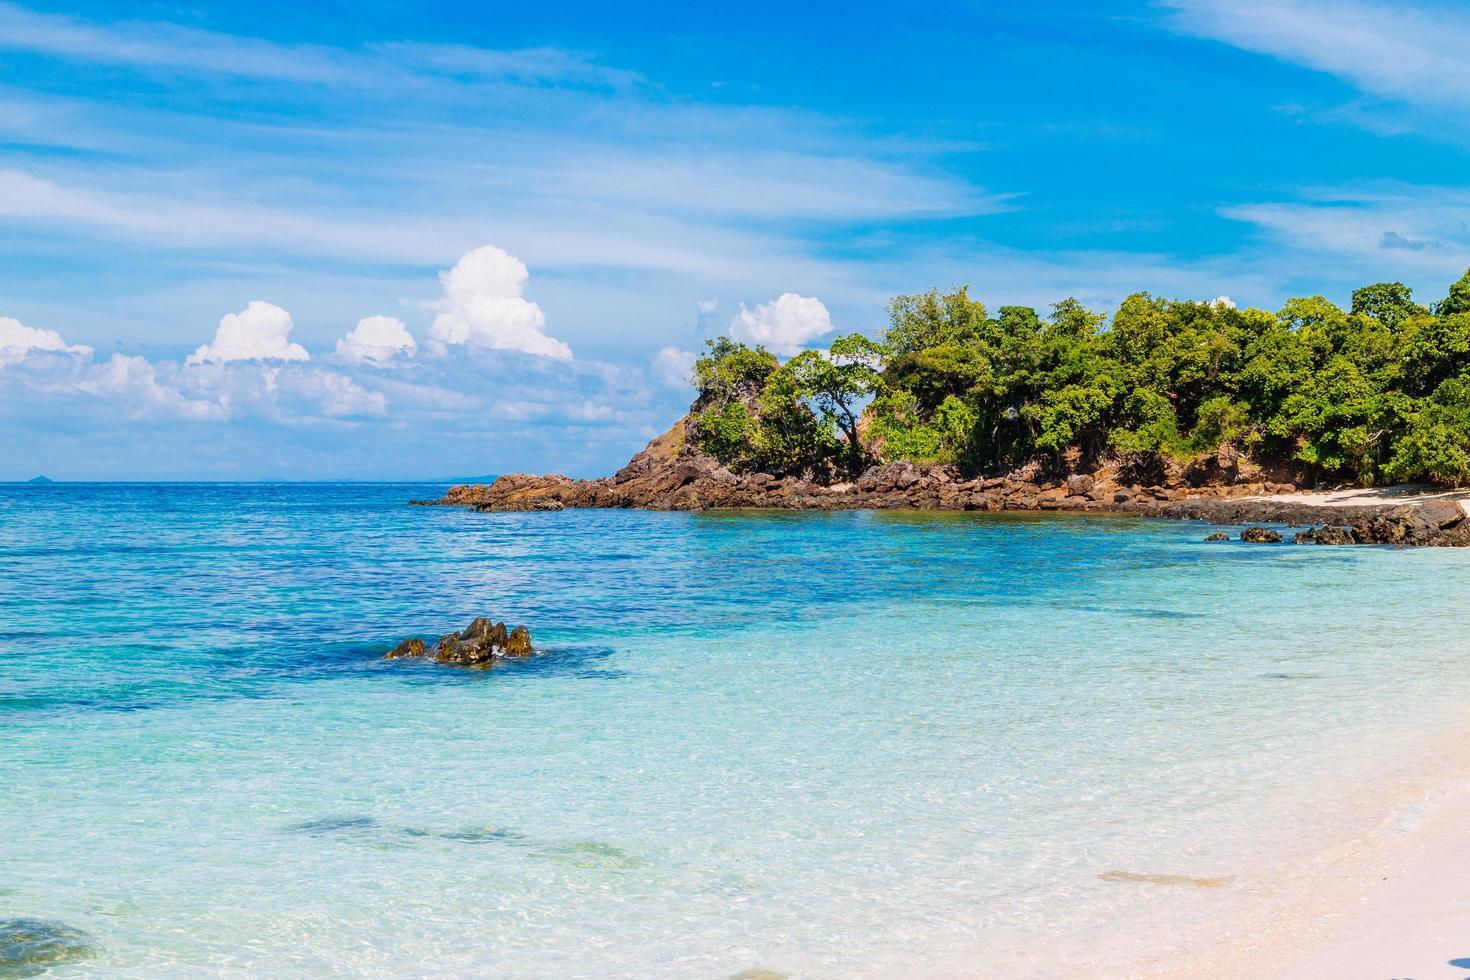 hermosa playa. isla de lipe, koh lipe, provincia de satun, tailandia foto